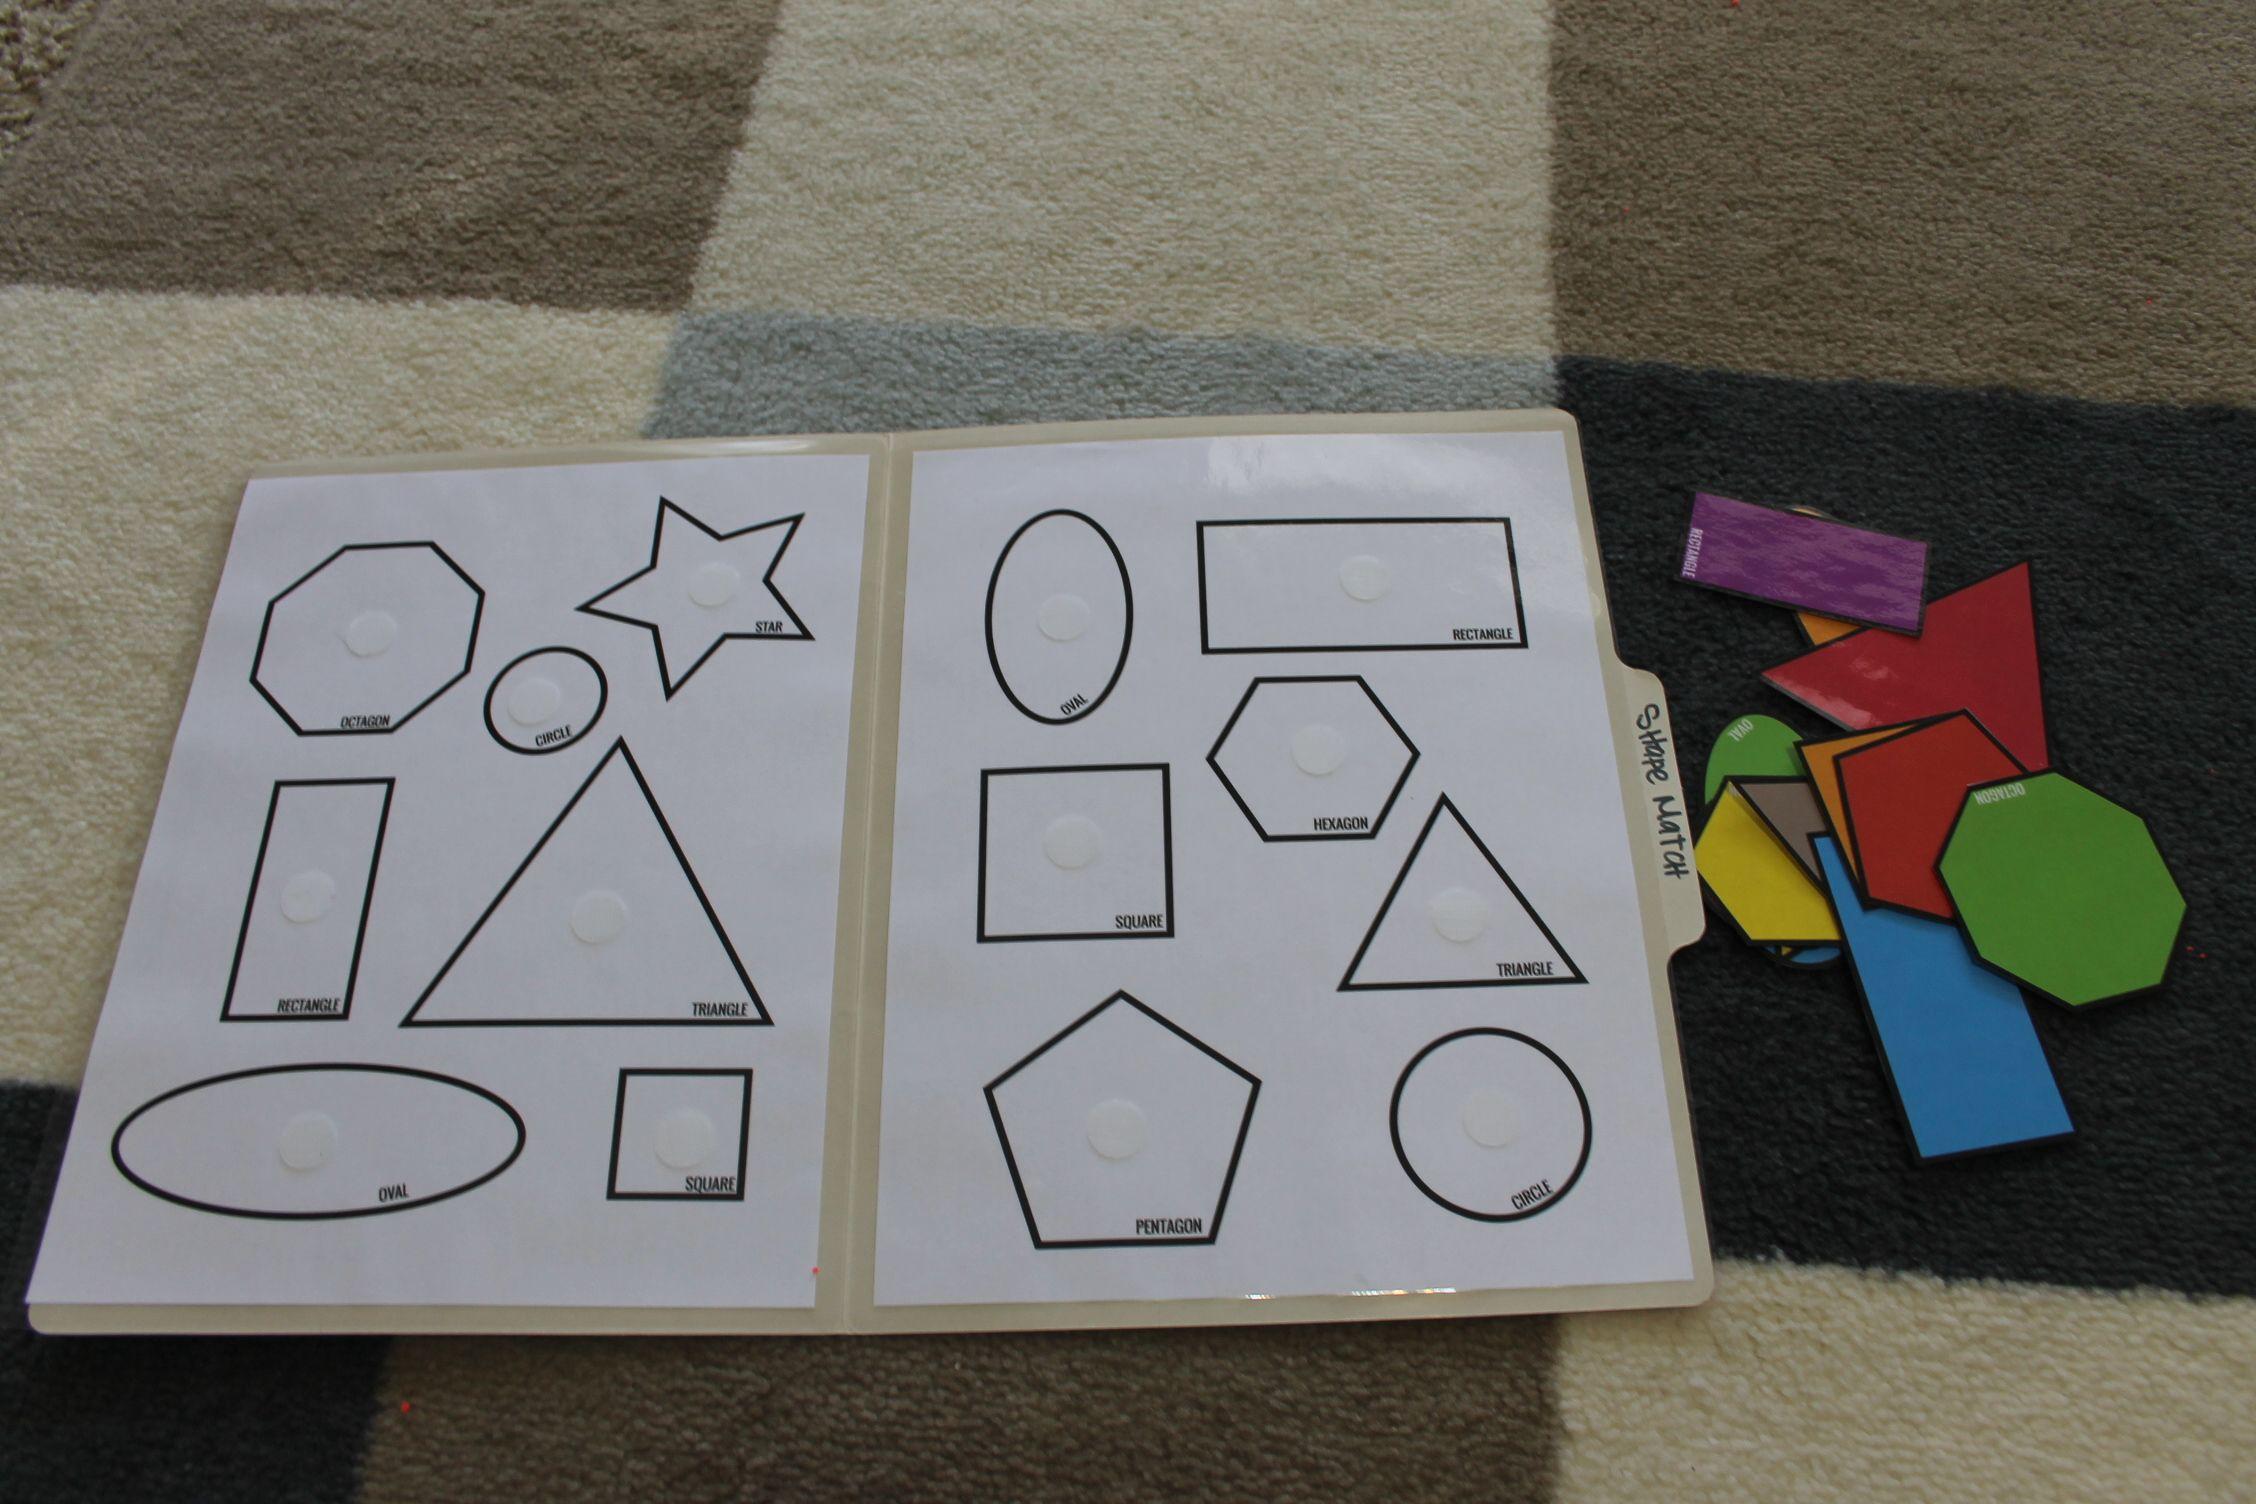 Shape-Match-Toddler-Pre-K-File-Folder-Game-Open   Preschool   Folder - Free Printable Preschool Folder Games